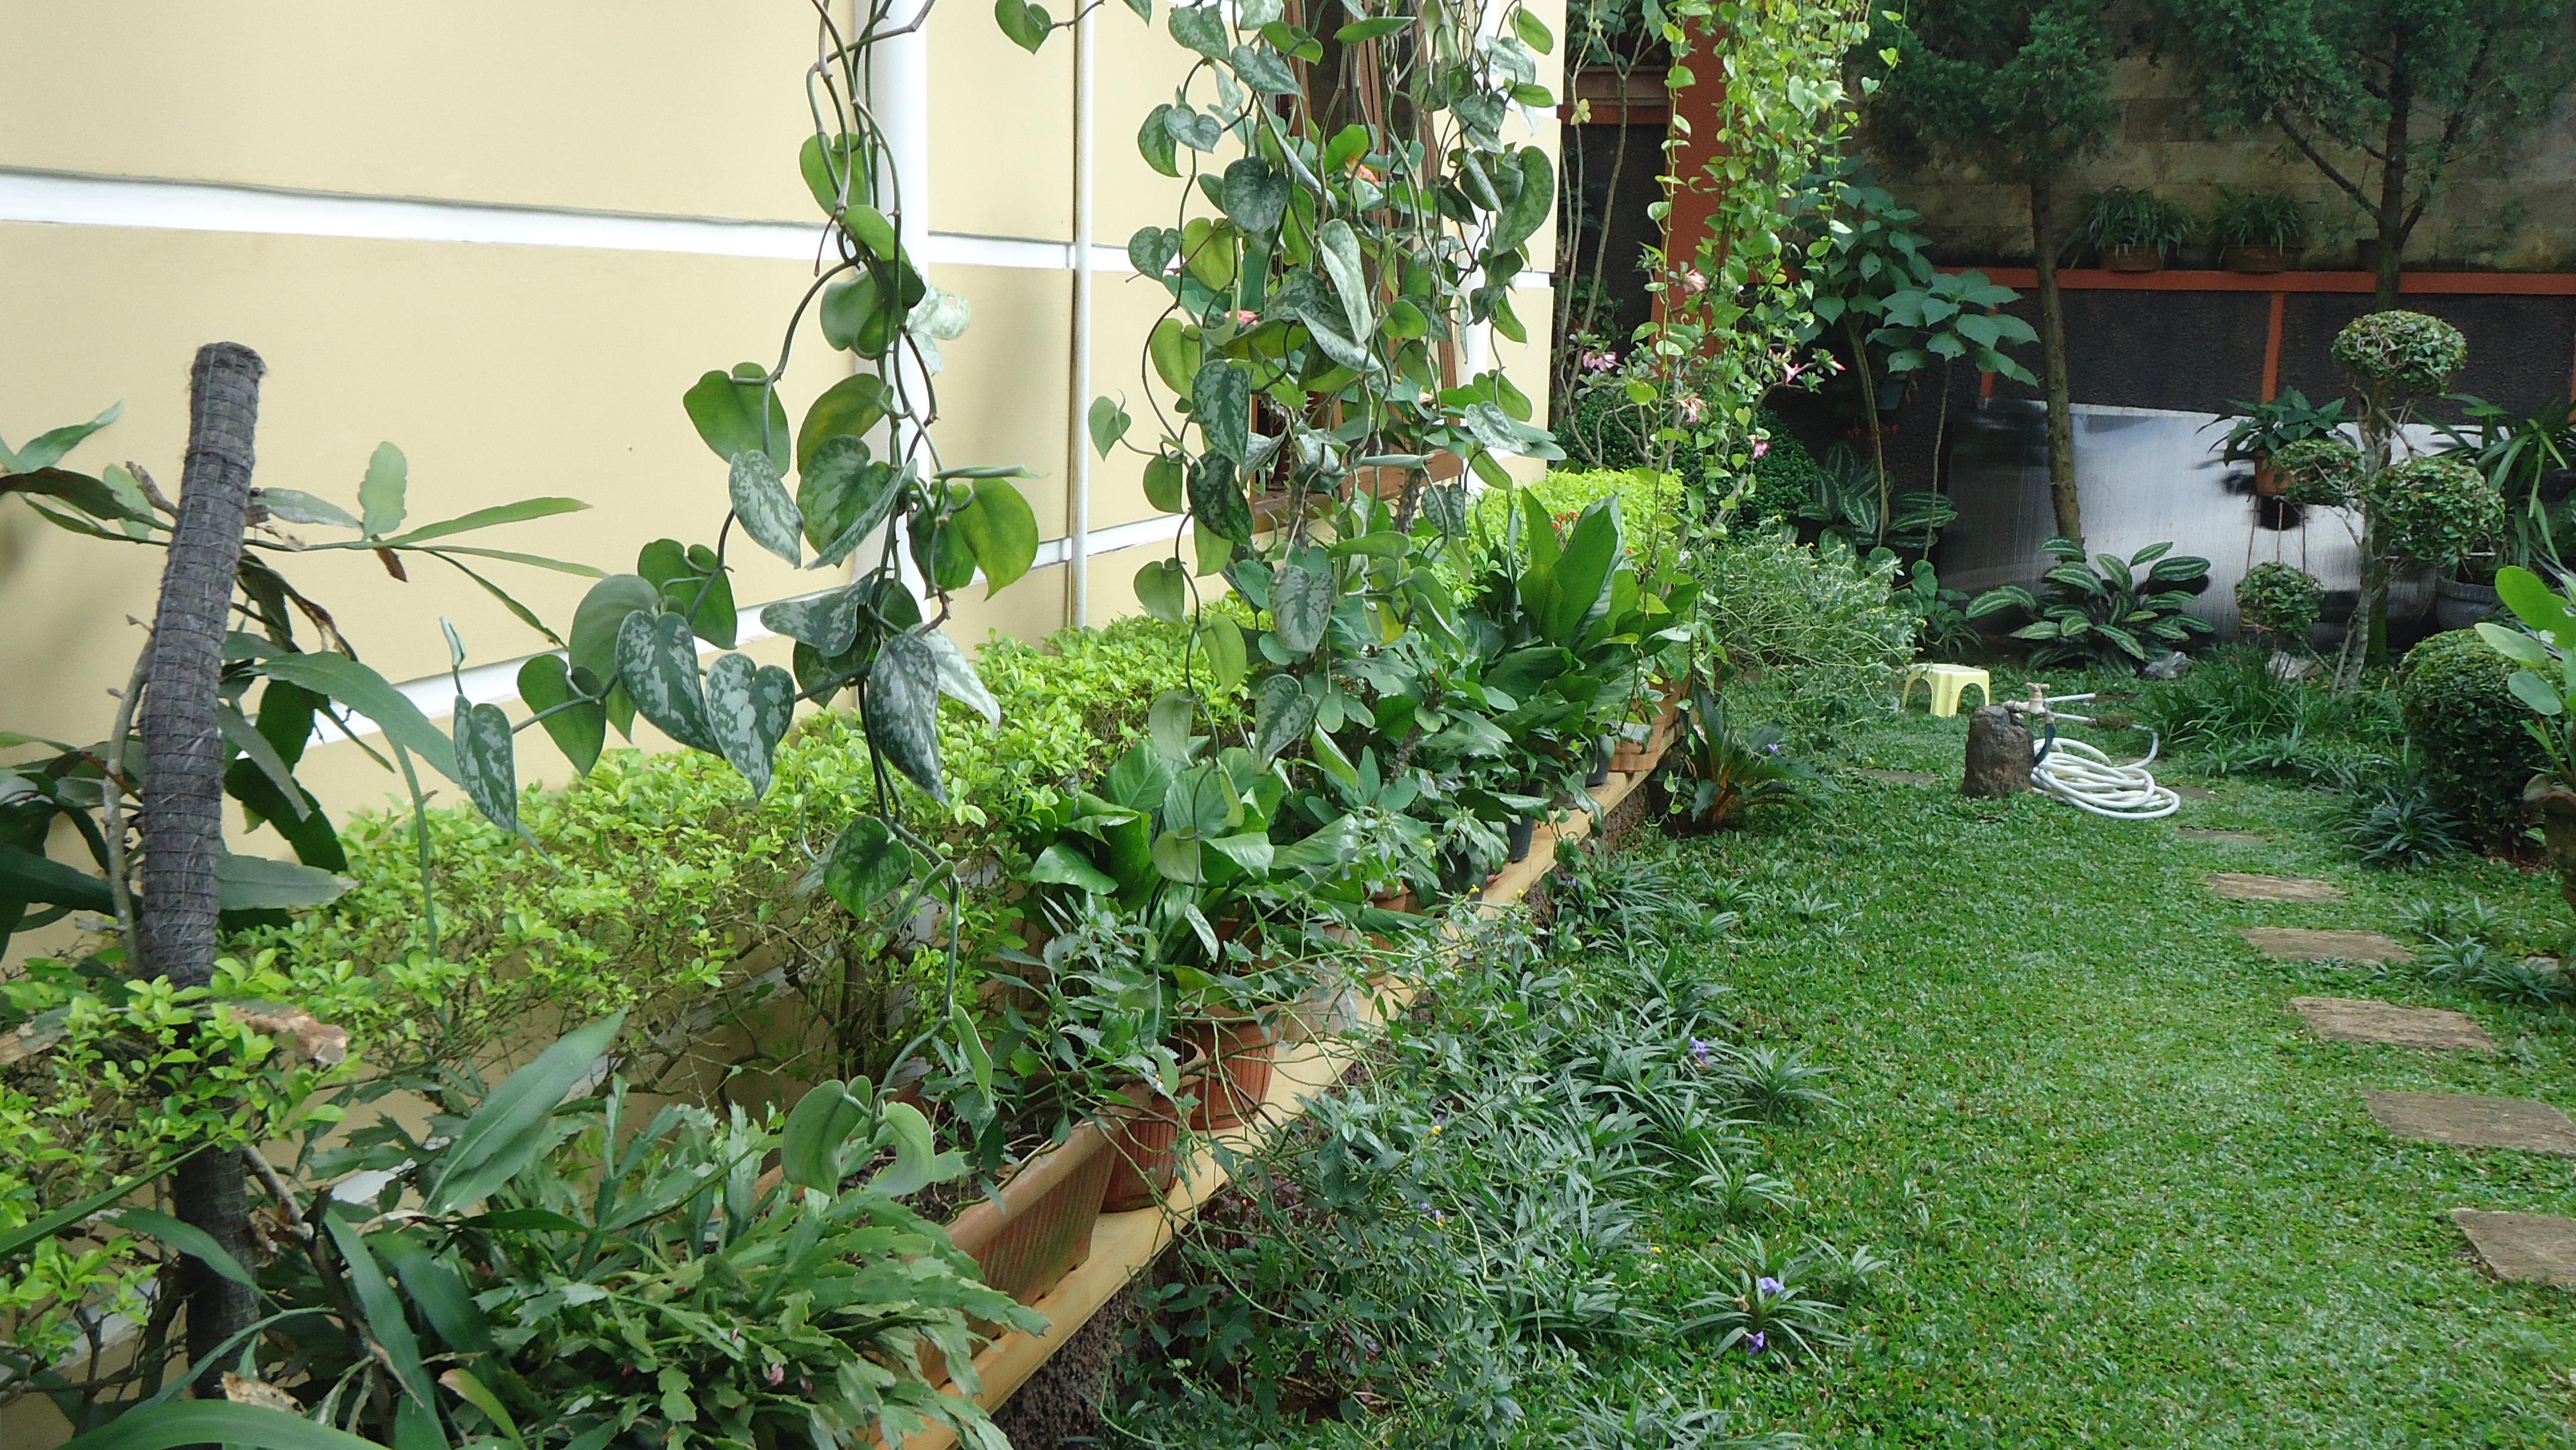 53 Indahnya Taman Rumah Membuat Betah Di Rumah Udara Segar